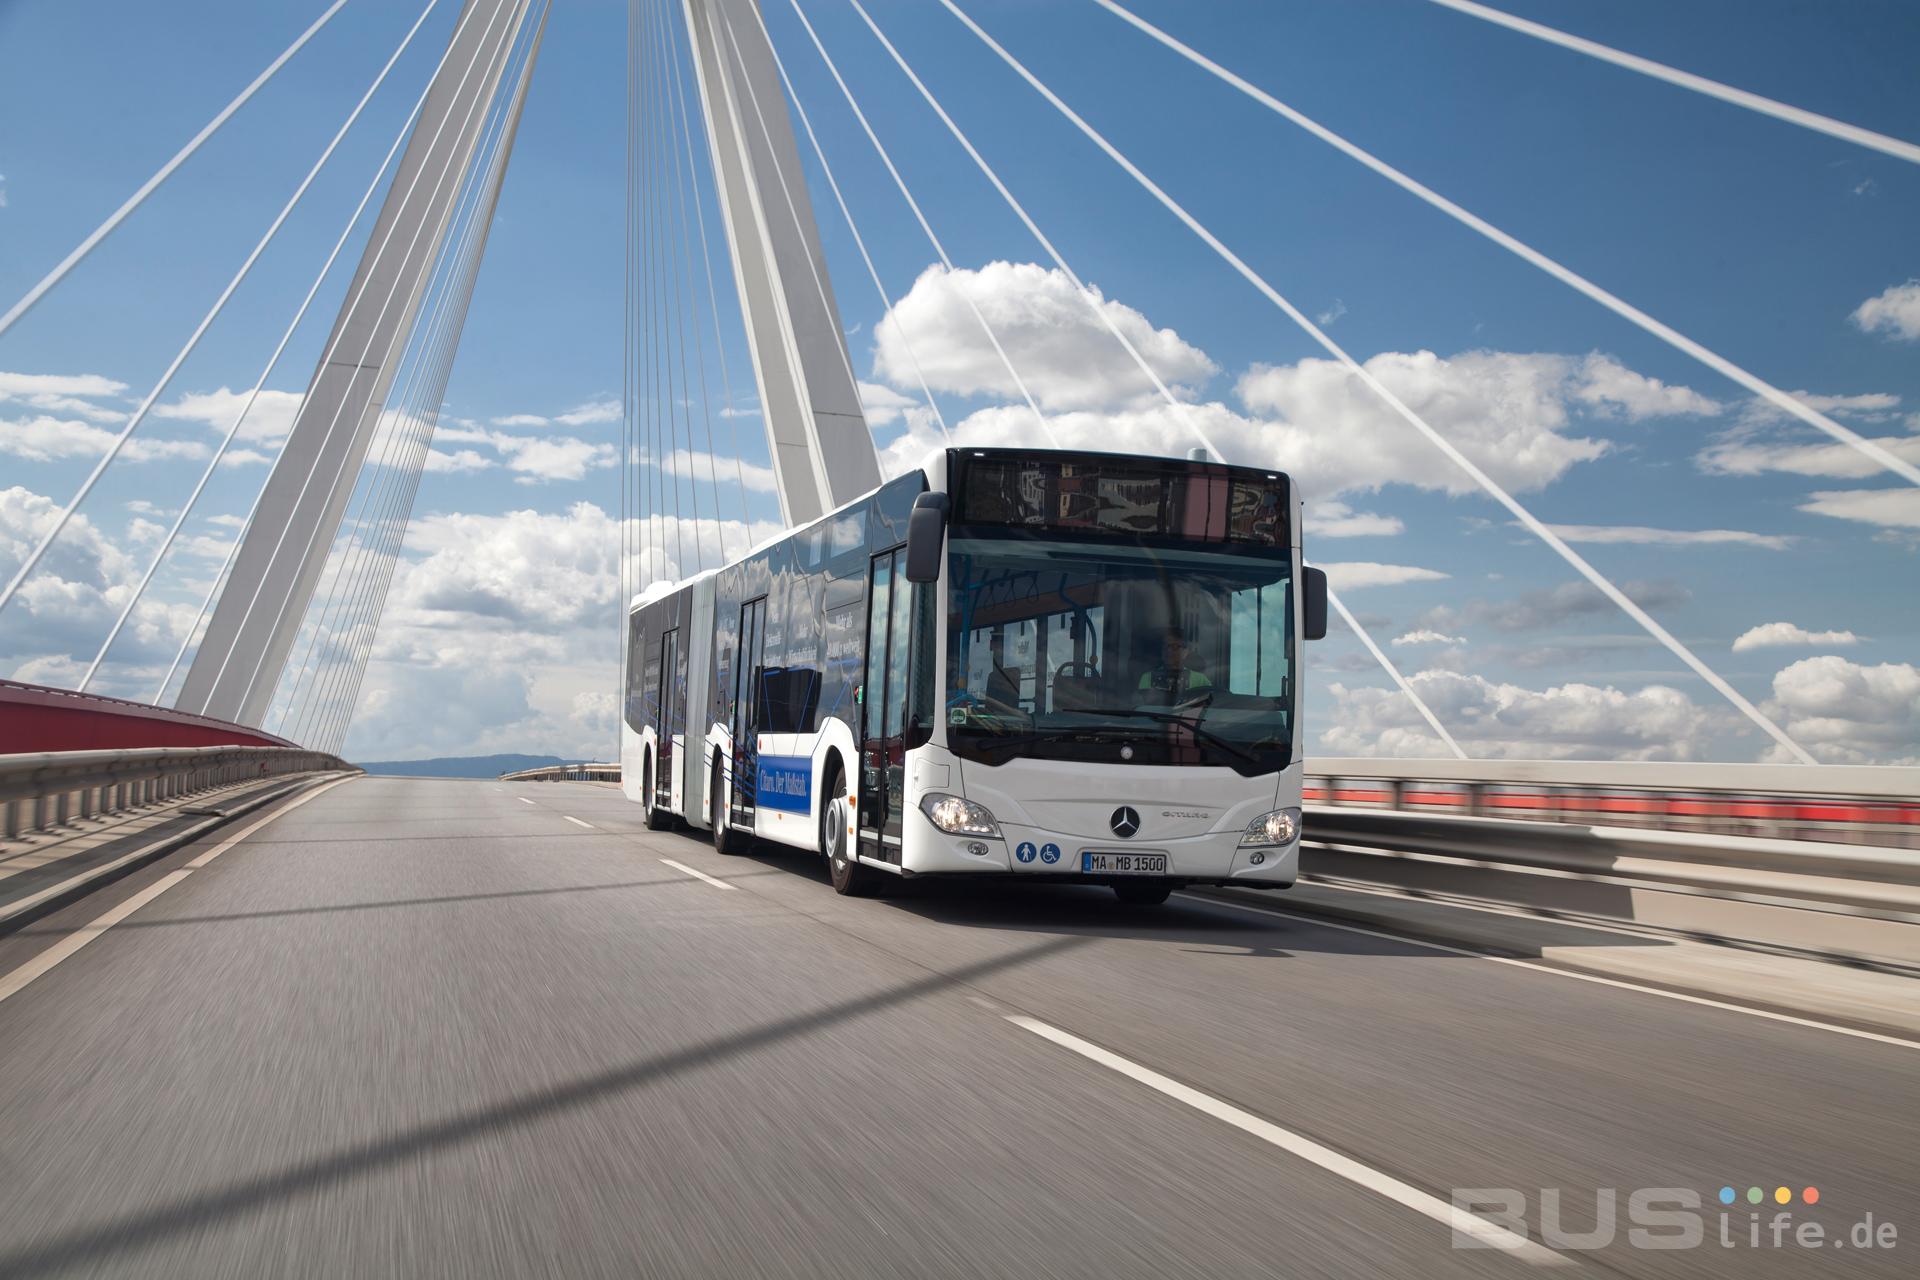 Mercedes Benz liefert bis zu 950 Stadtbusse an die Berliner Verkehrsbetriebe (BVG)